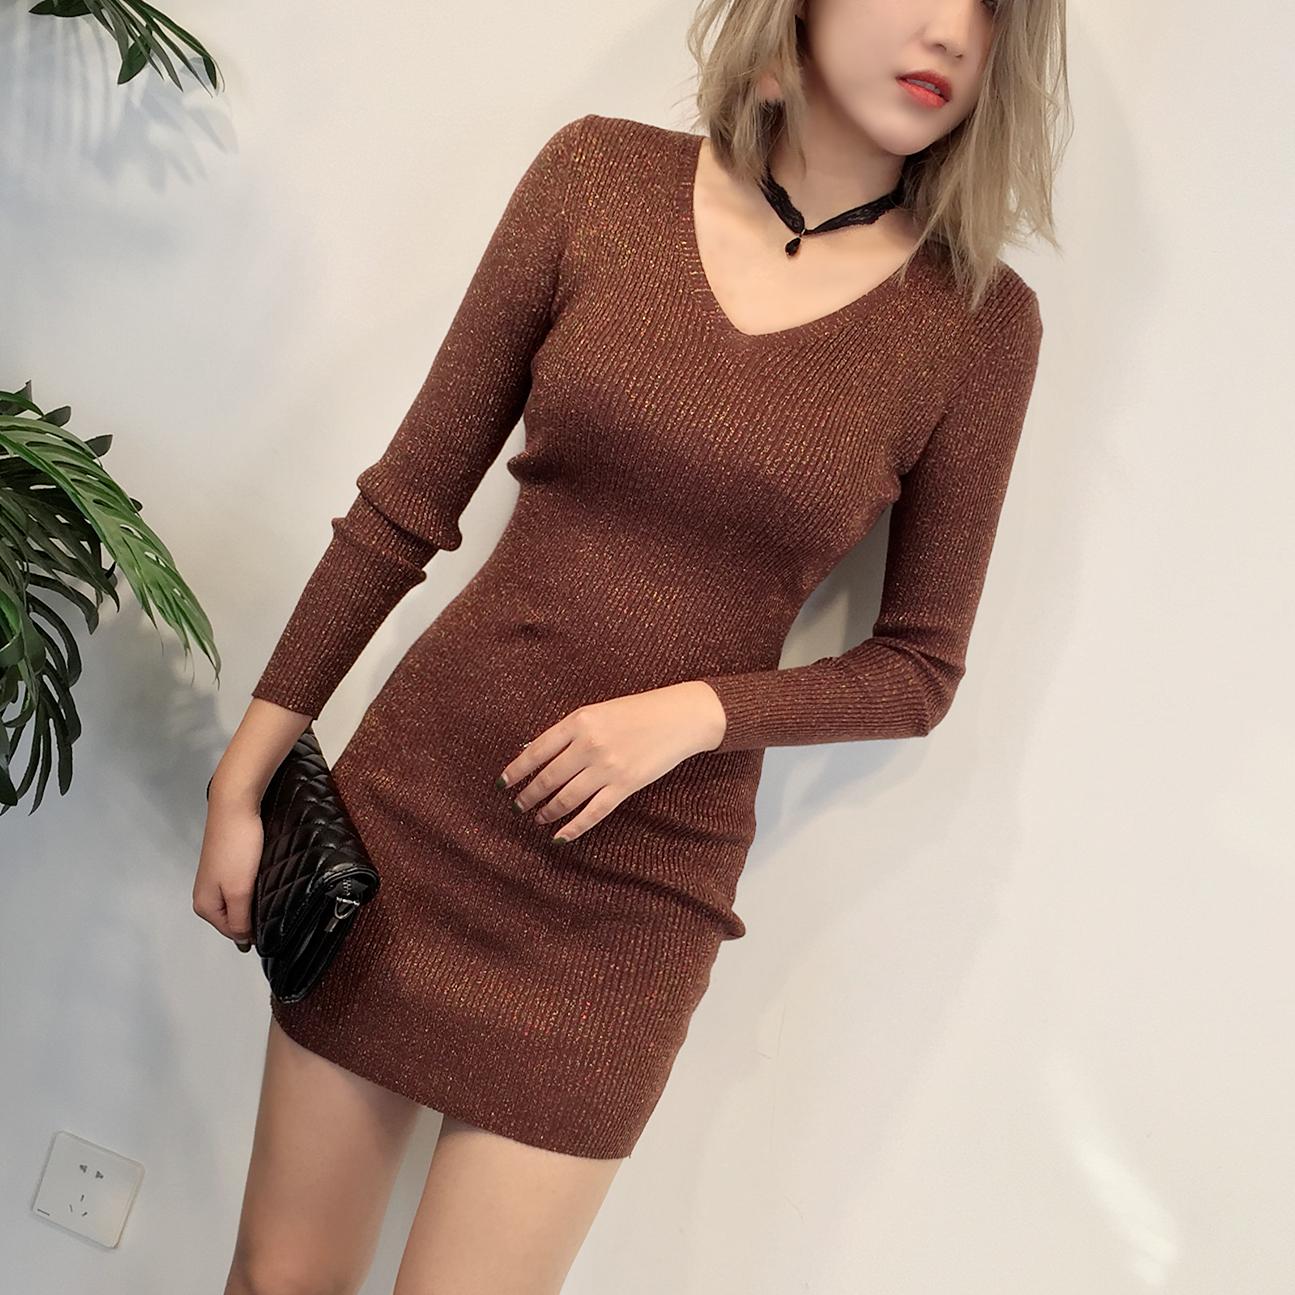 金属亮丝针织连衣裙女秋冬性感修身纯色包臀短裙中长款显瘦毛衣裙